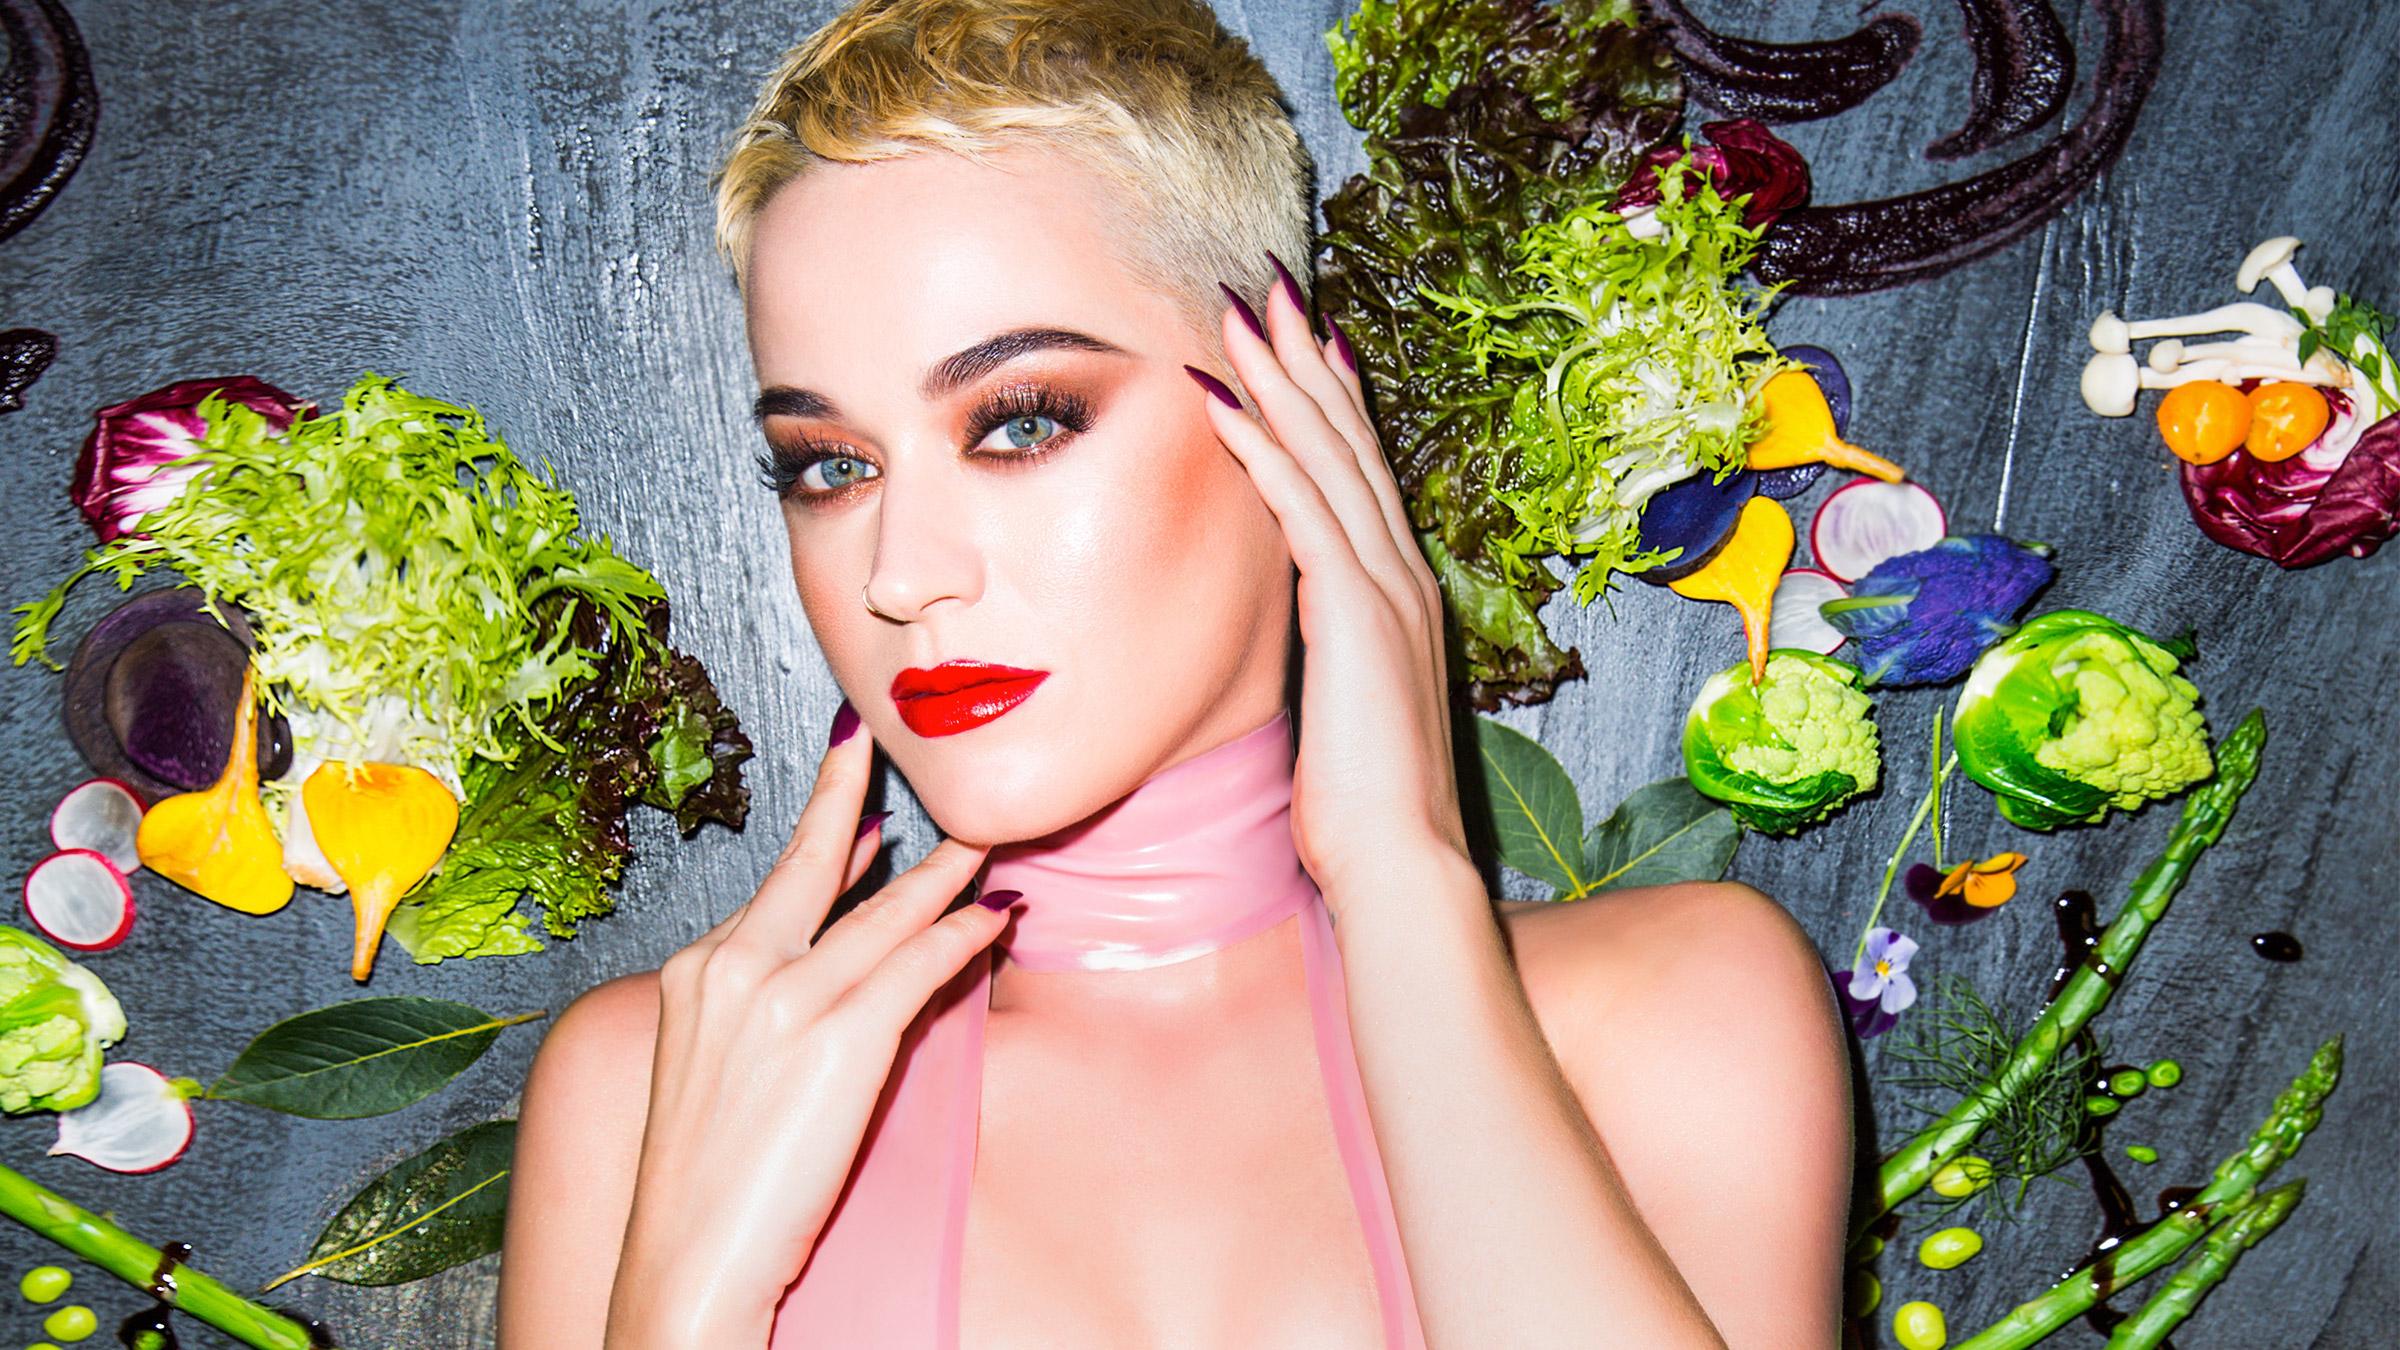 Katy teaser